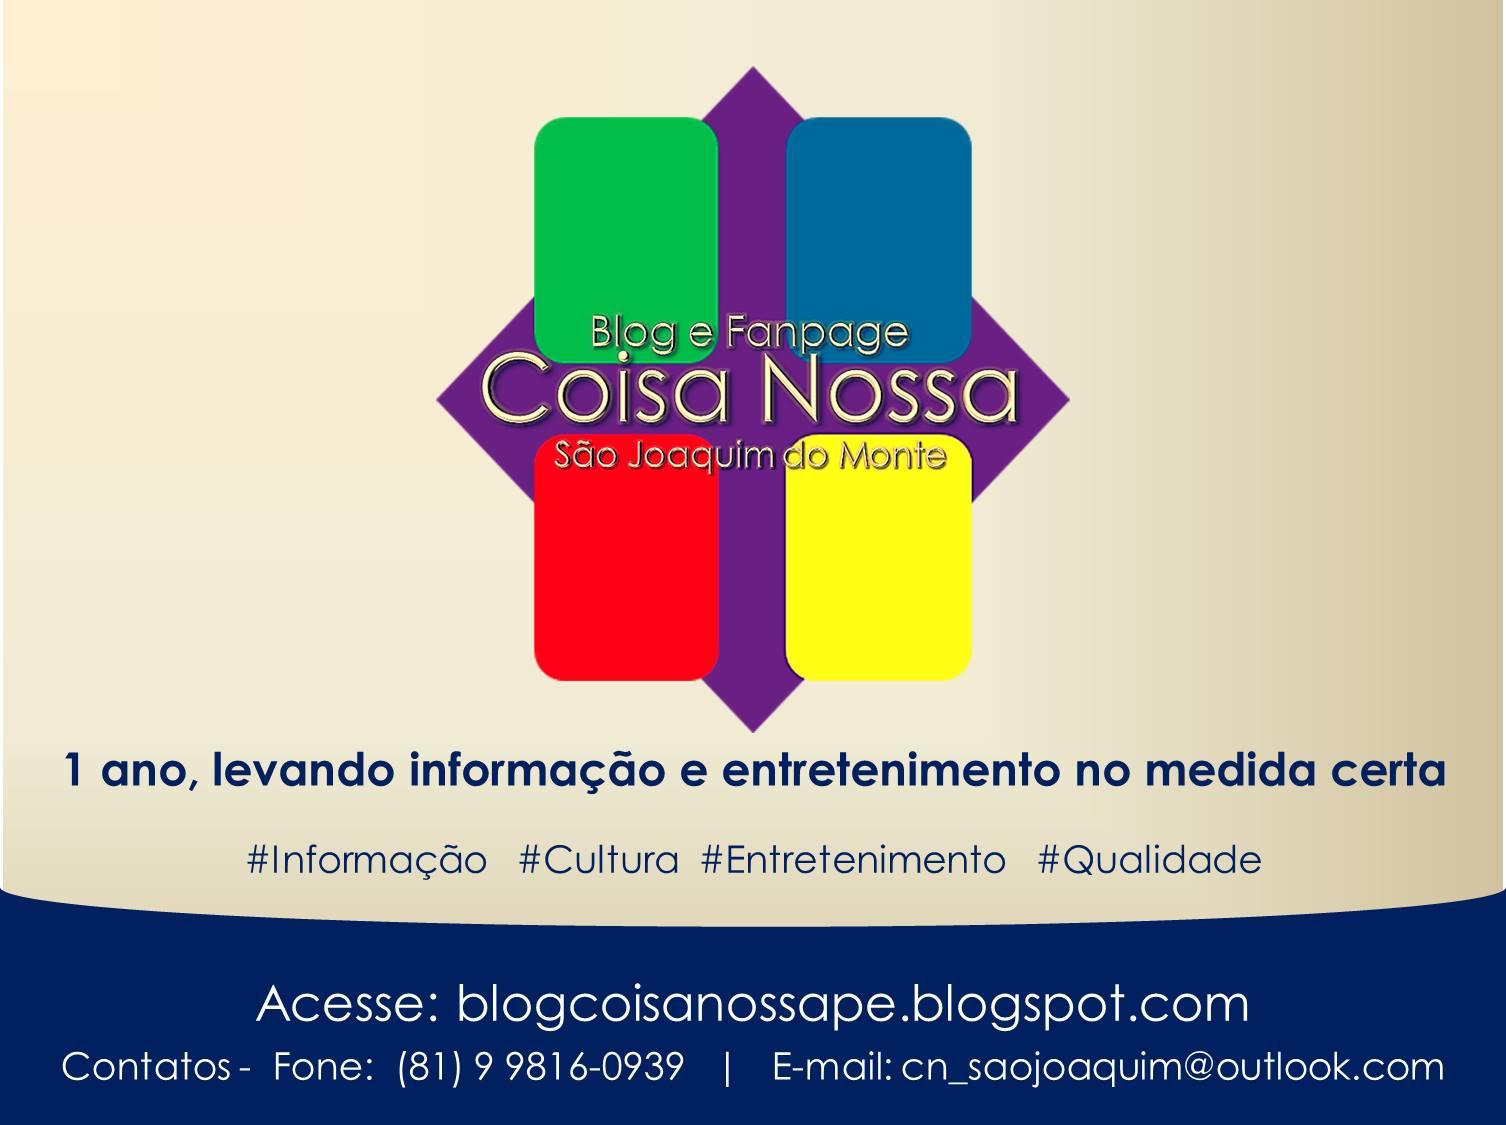 Blog Parceiro Coissa Nossa